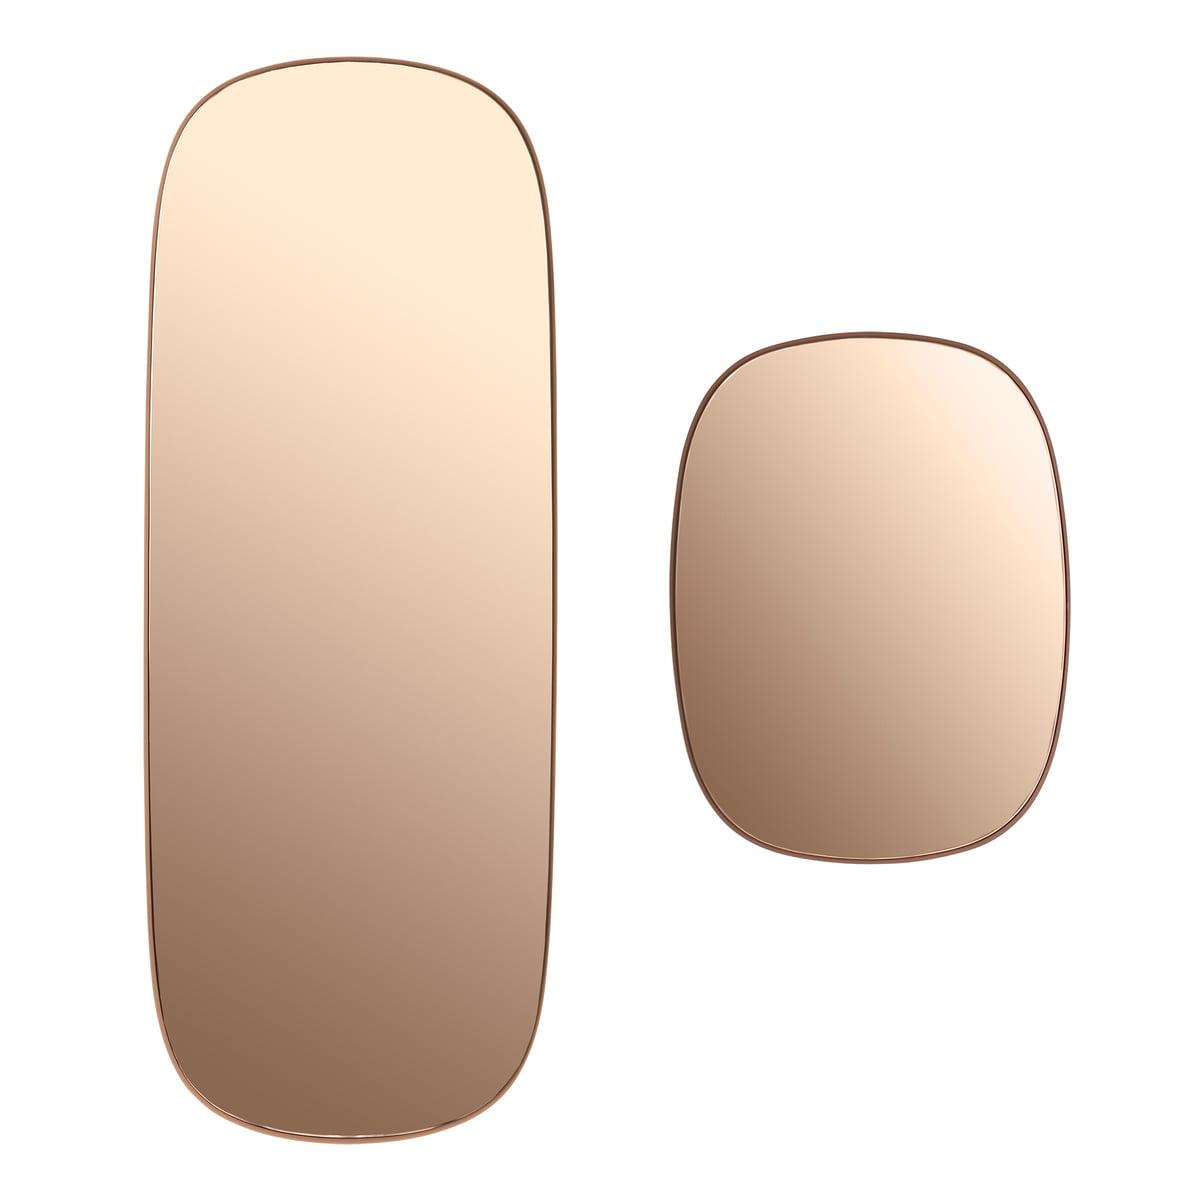 D couvrez le framed miroir de muuto en ligne for Impression en miroir